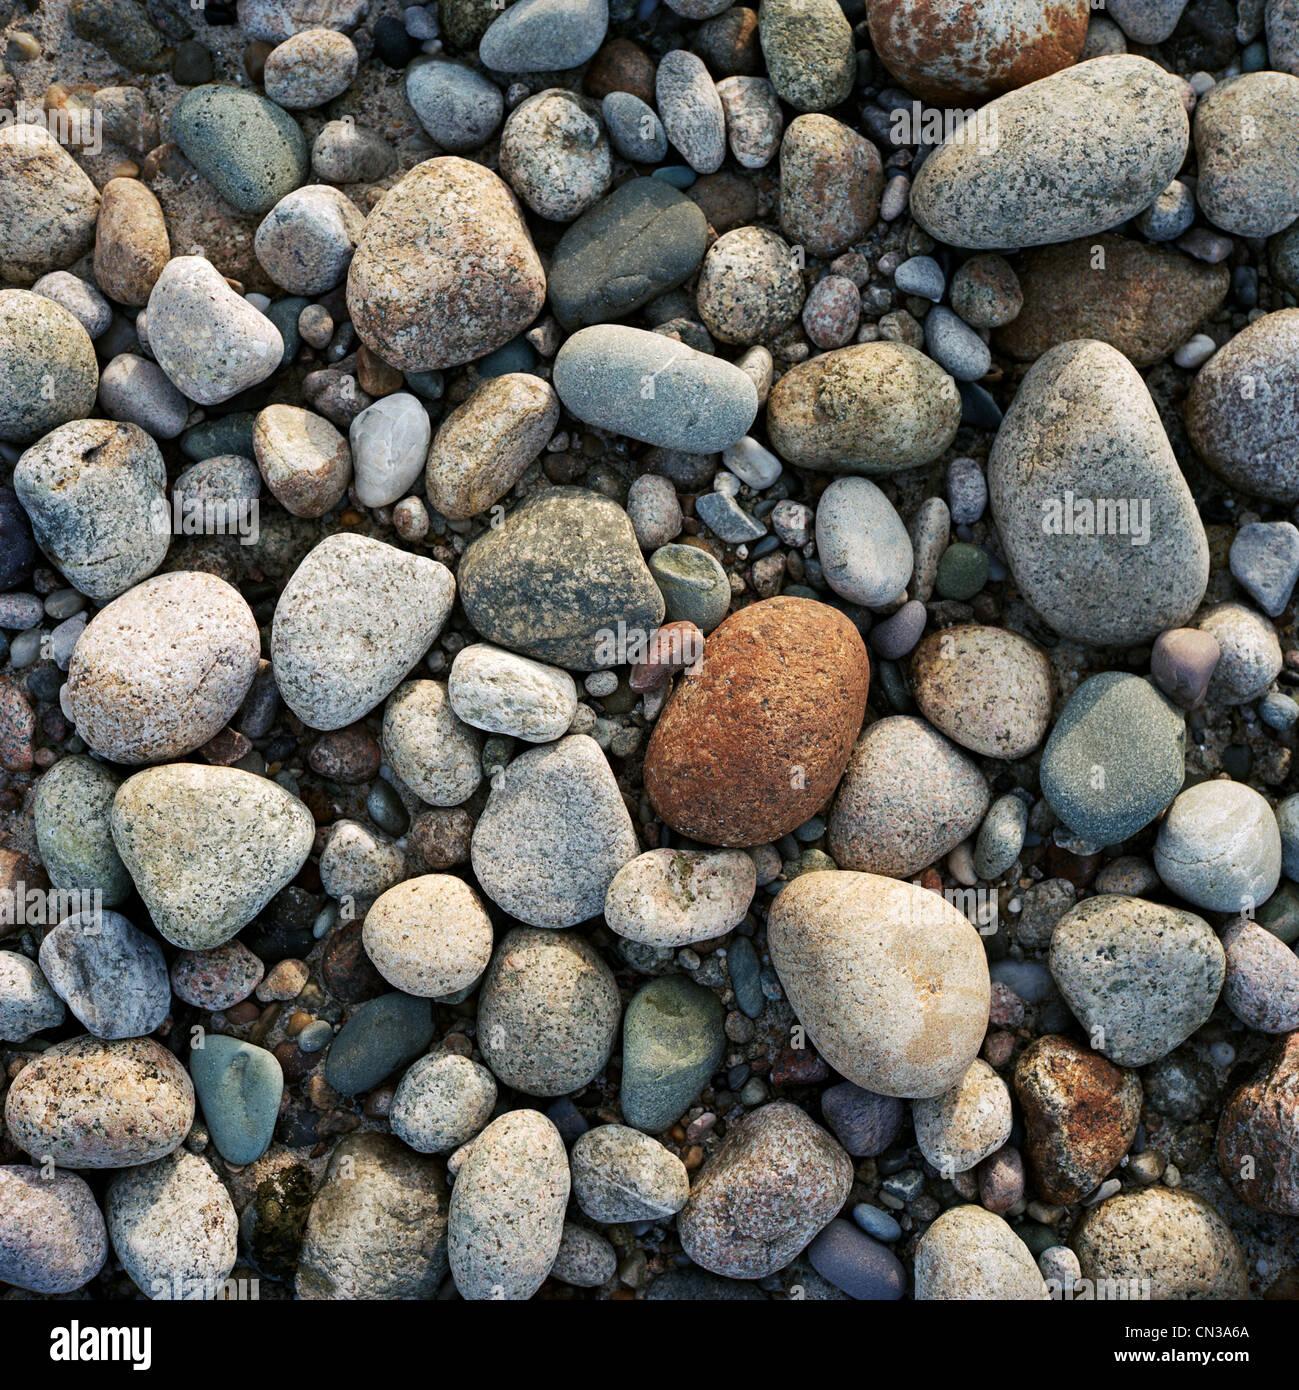 Pebbles, full frame - Stock Image